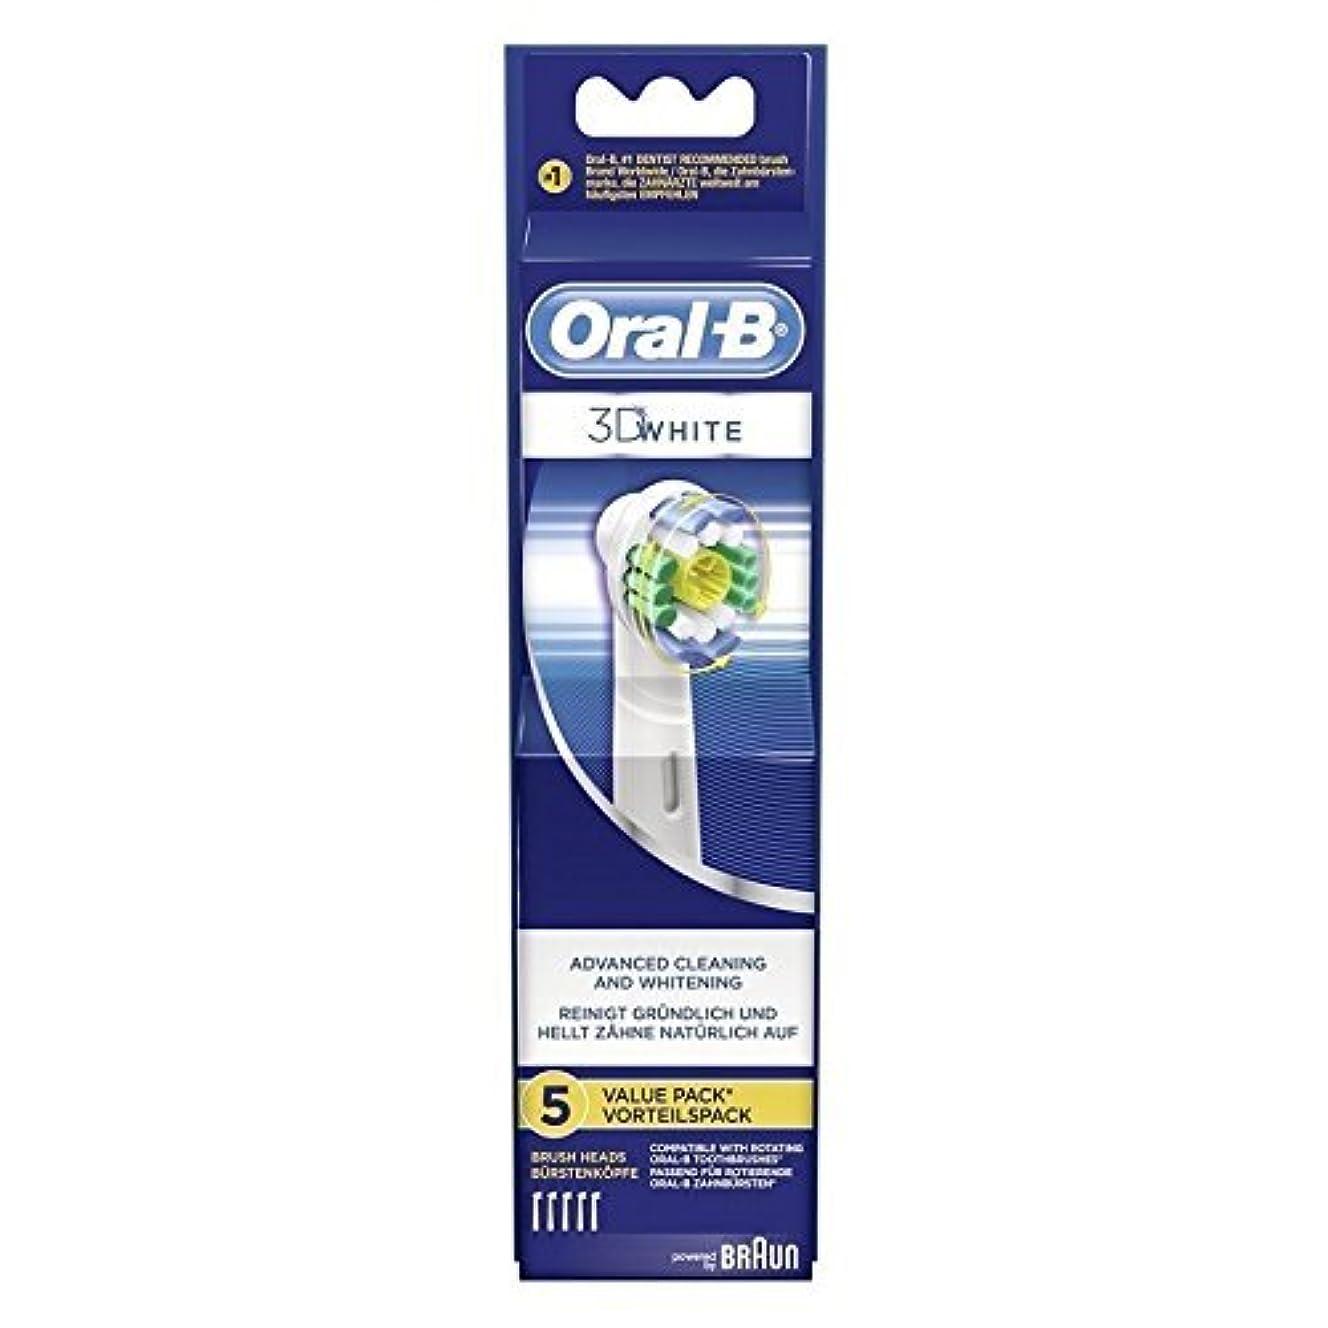 精巧な発送矛盾Braun Oral-B EB18-5 3D White 交換式充電式歯ブラシヘッド 1Pack [並行輸入品]